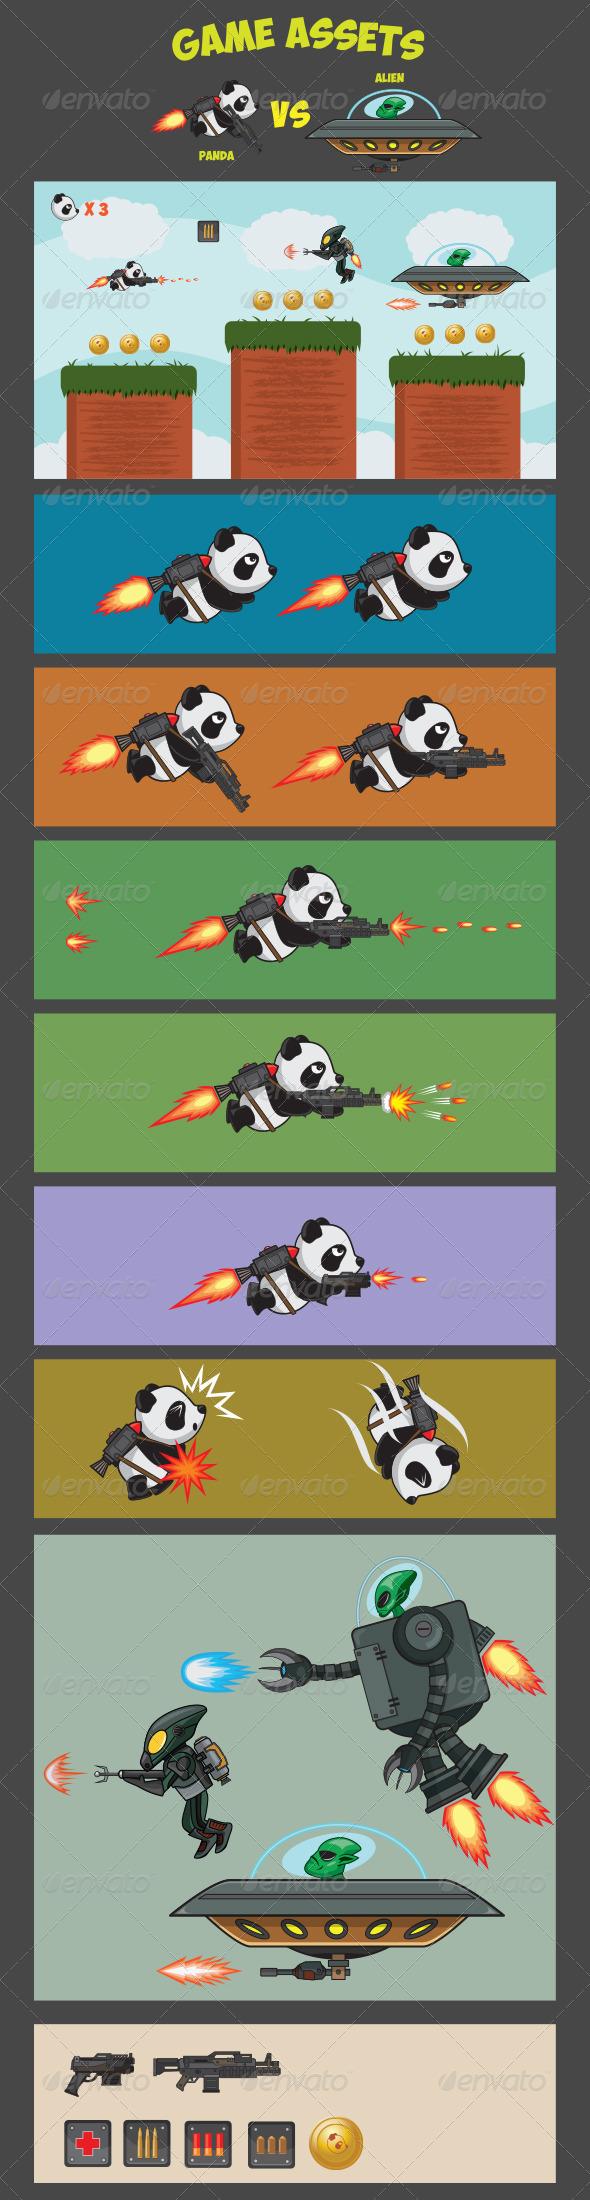 Game Assets - Panda Versus Alien - Sprites Game Assets